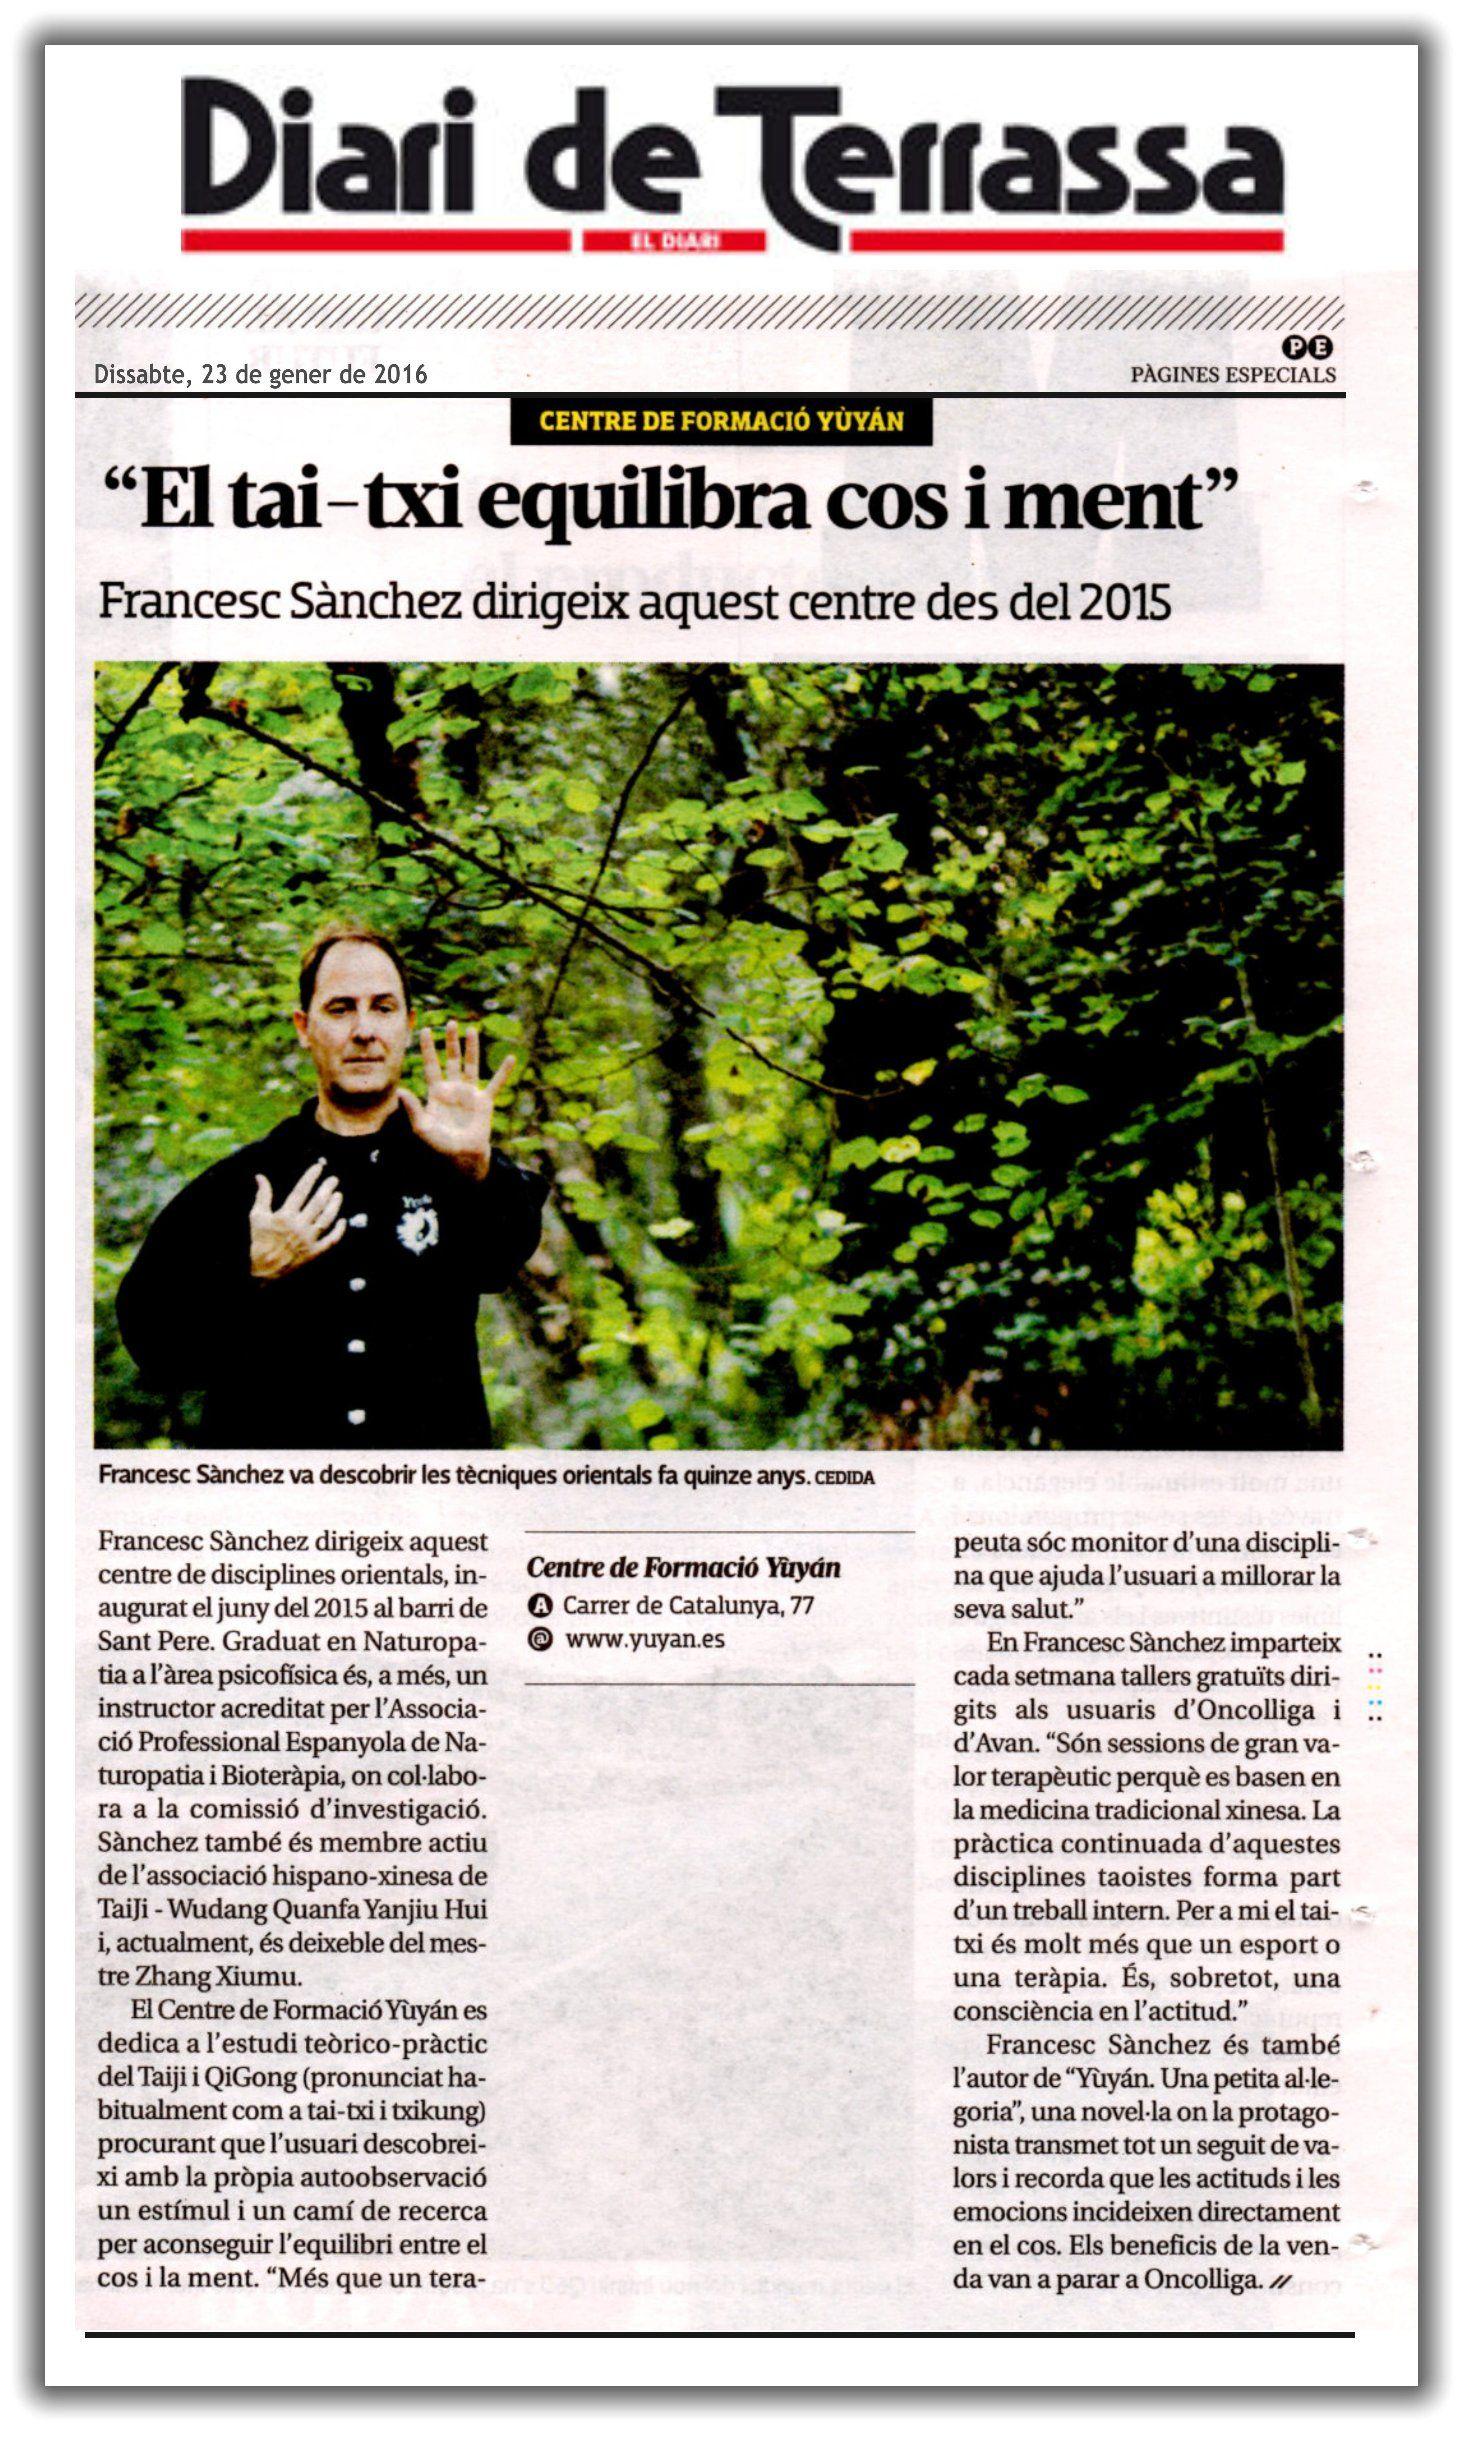 Yùyán   Prensa   Diari de Terrassa